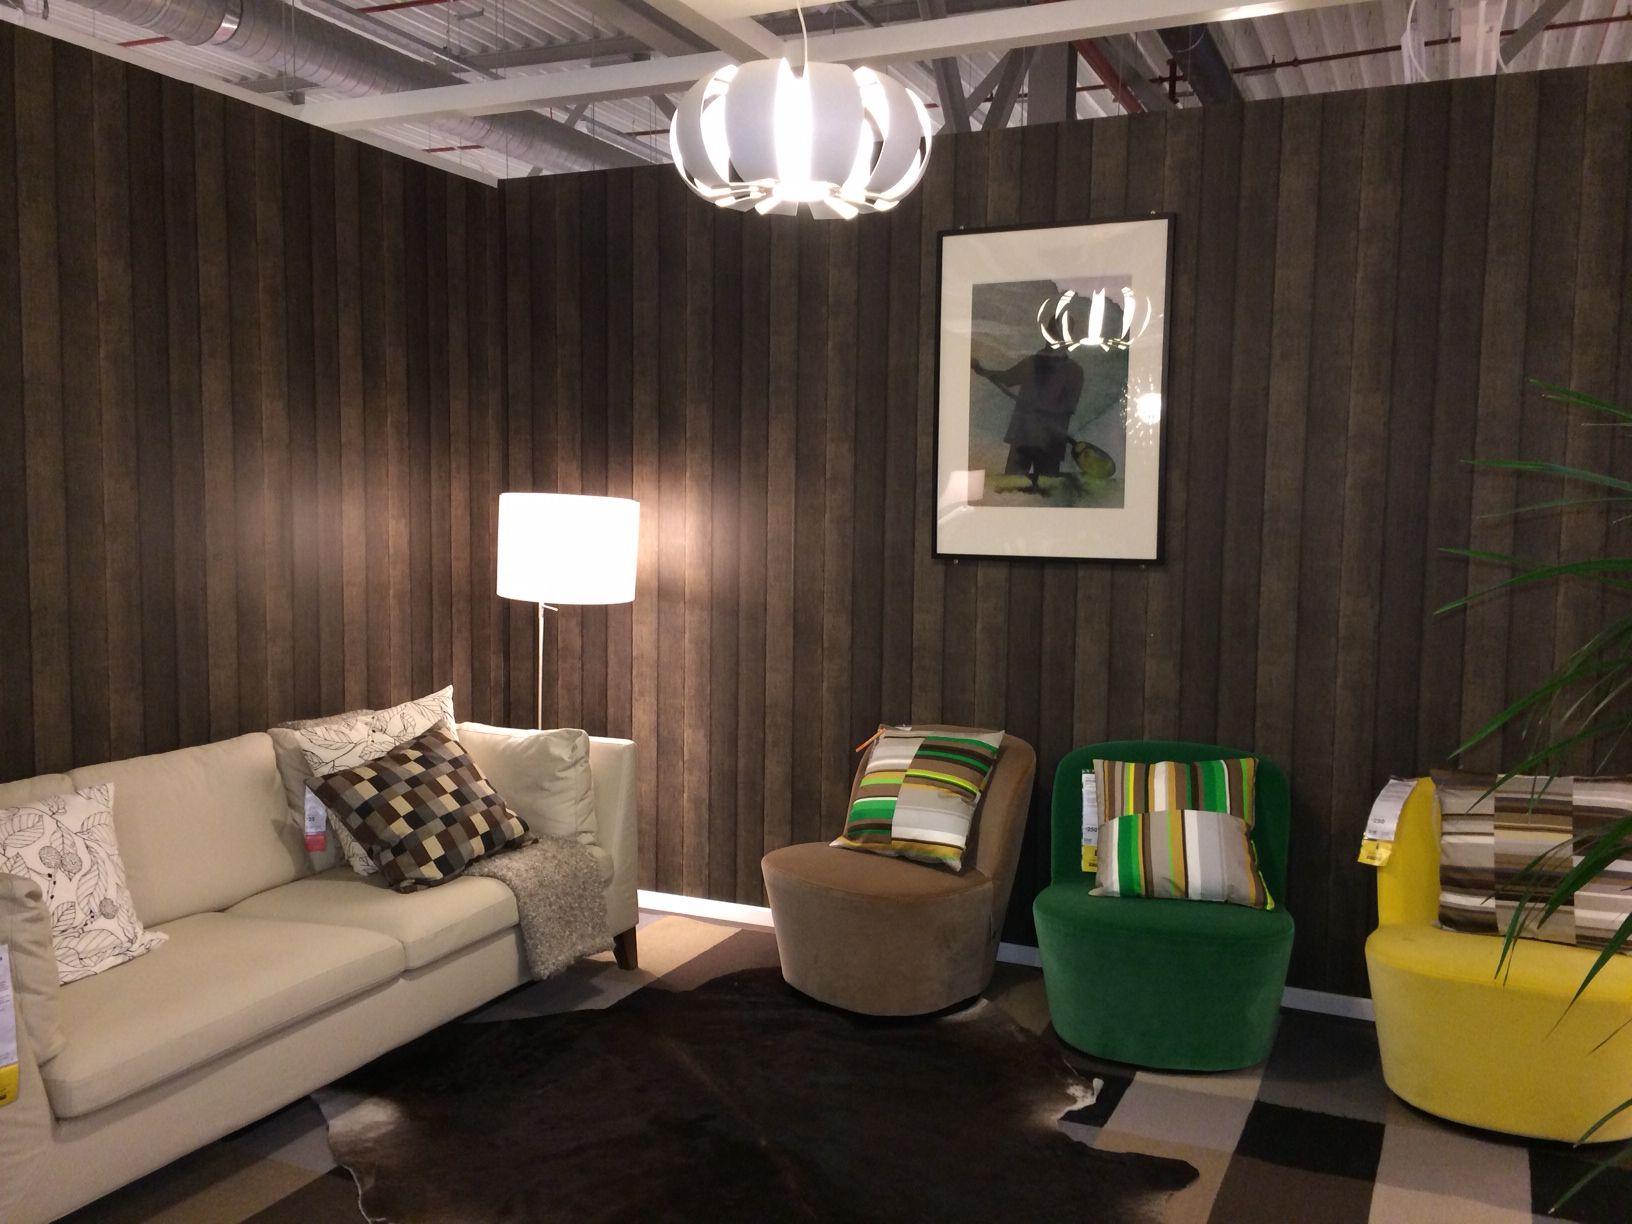 Hout Motief Behang Van Bn Collectie Elements Elements Wallpaper Bn Wallcoverings Wall Coverings Home Decor Decor